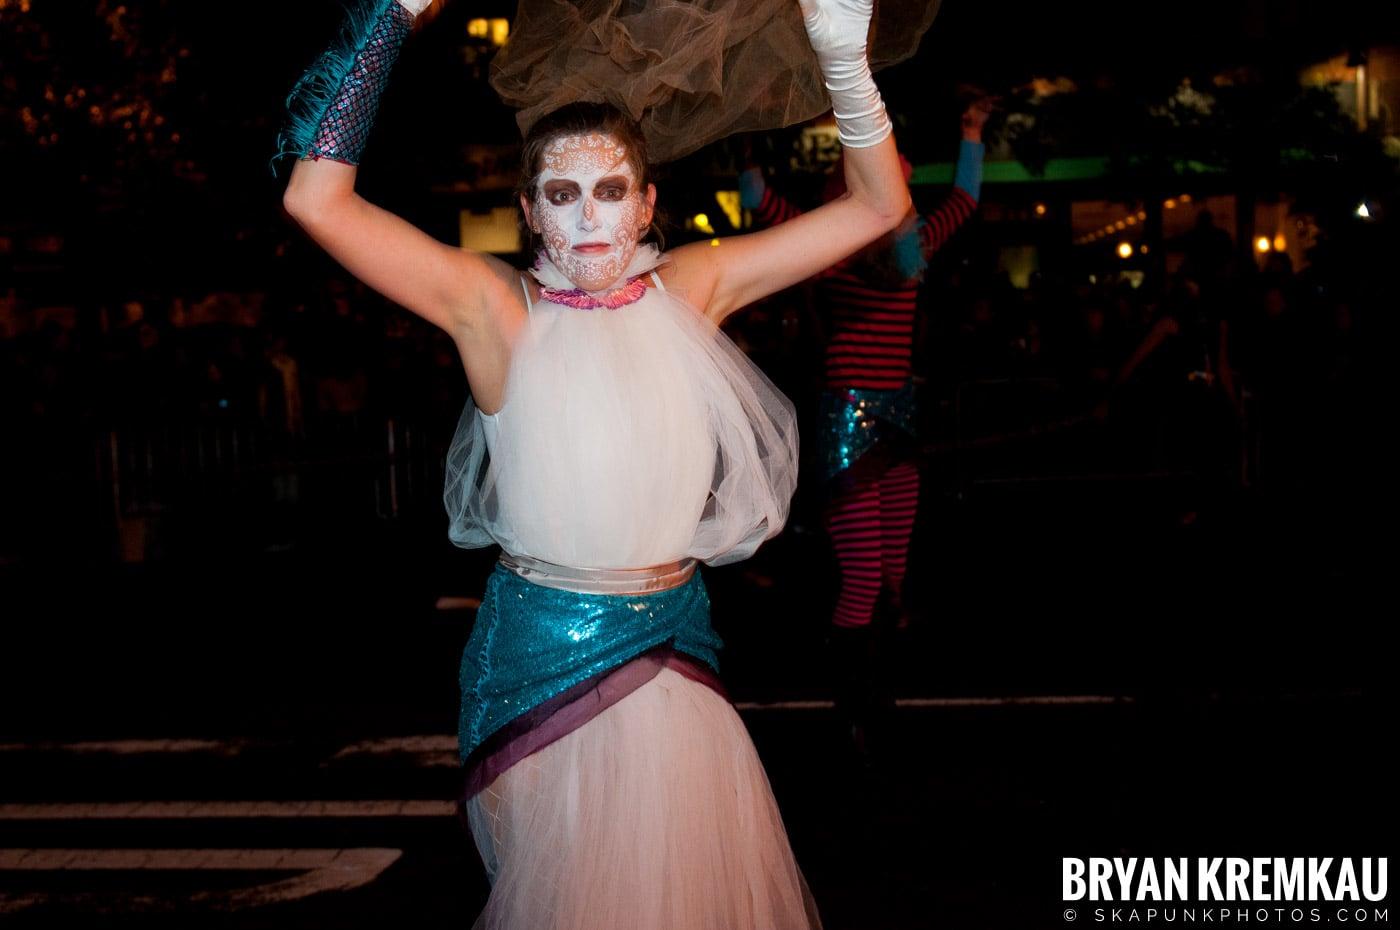 NYC Halloween Parade 2011 @ New York, NY - 10.31.11 (76)